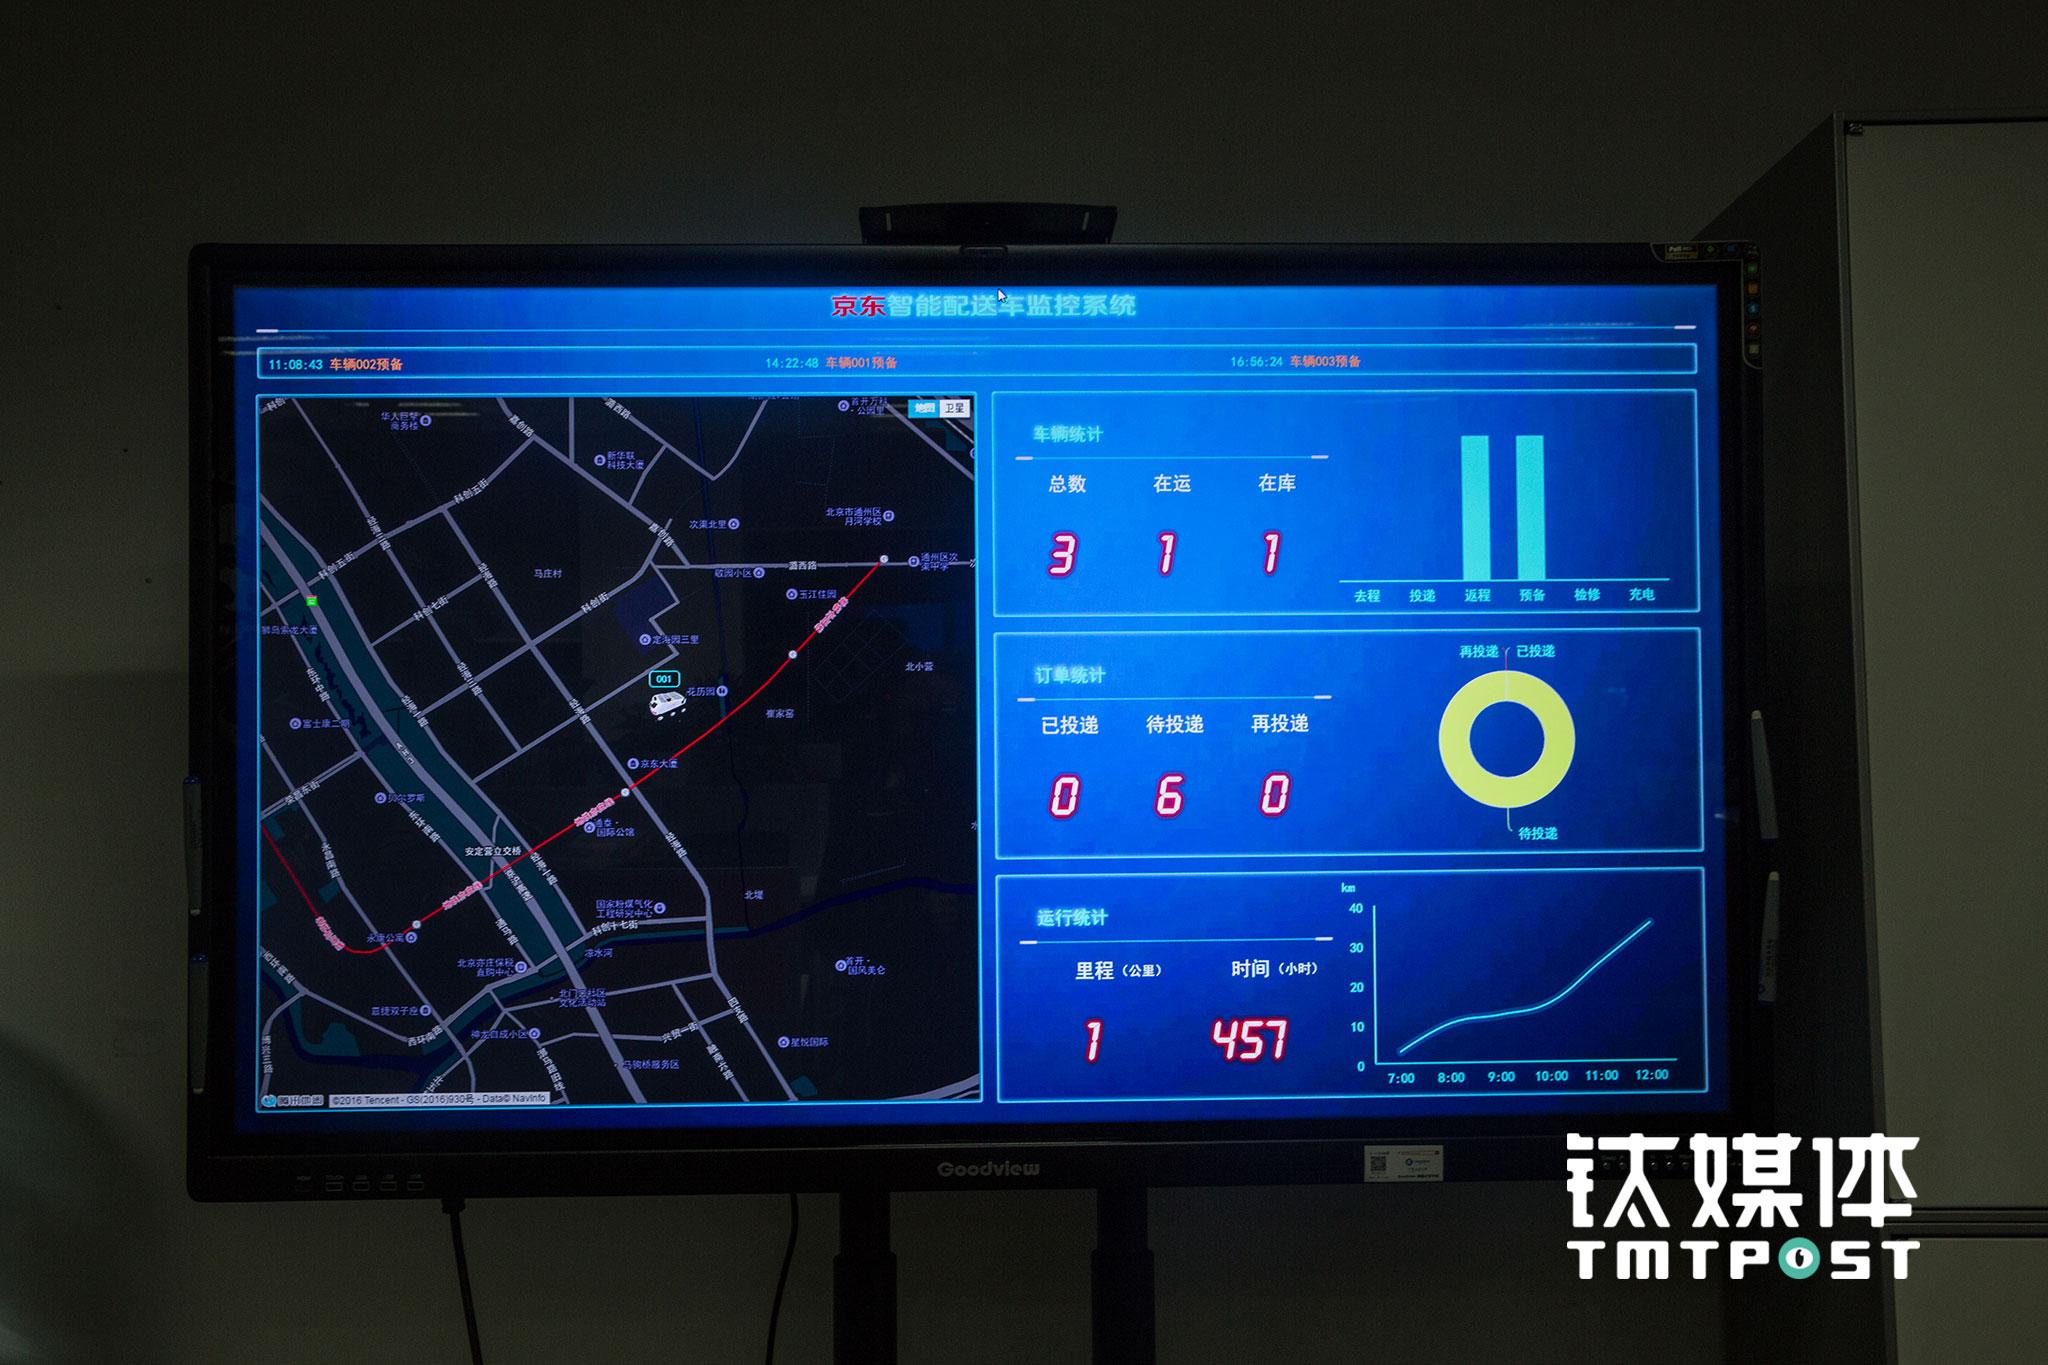 目前团队正在对车辆进行紧张的调试,双十一实验性试运营进行时,在智能配送车监控系统的屏幕上,将实时显示每台无人配送车的状态,包括电池电量、送件信息、传感器状态,以及每辆车上摄像头实时传输的实景画面。